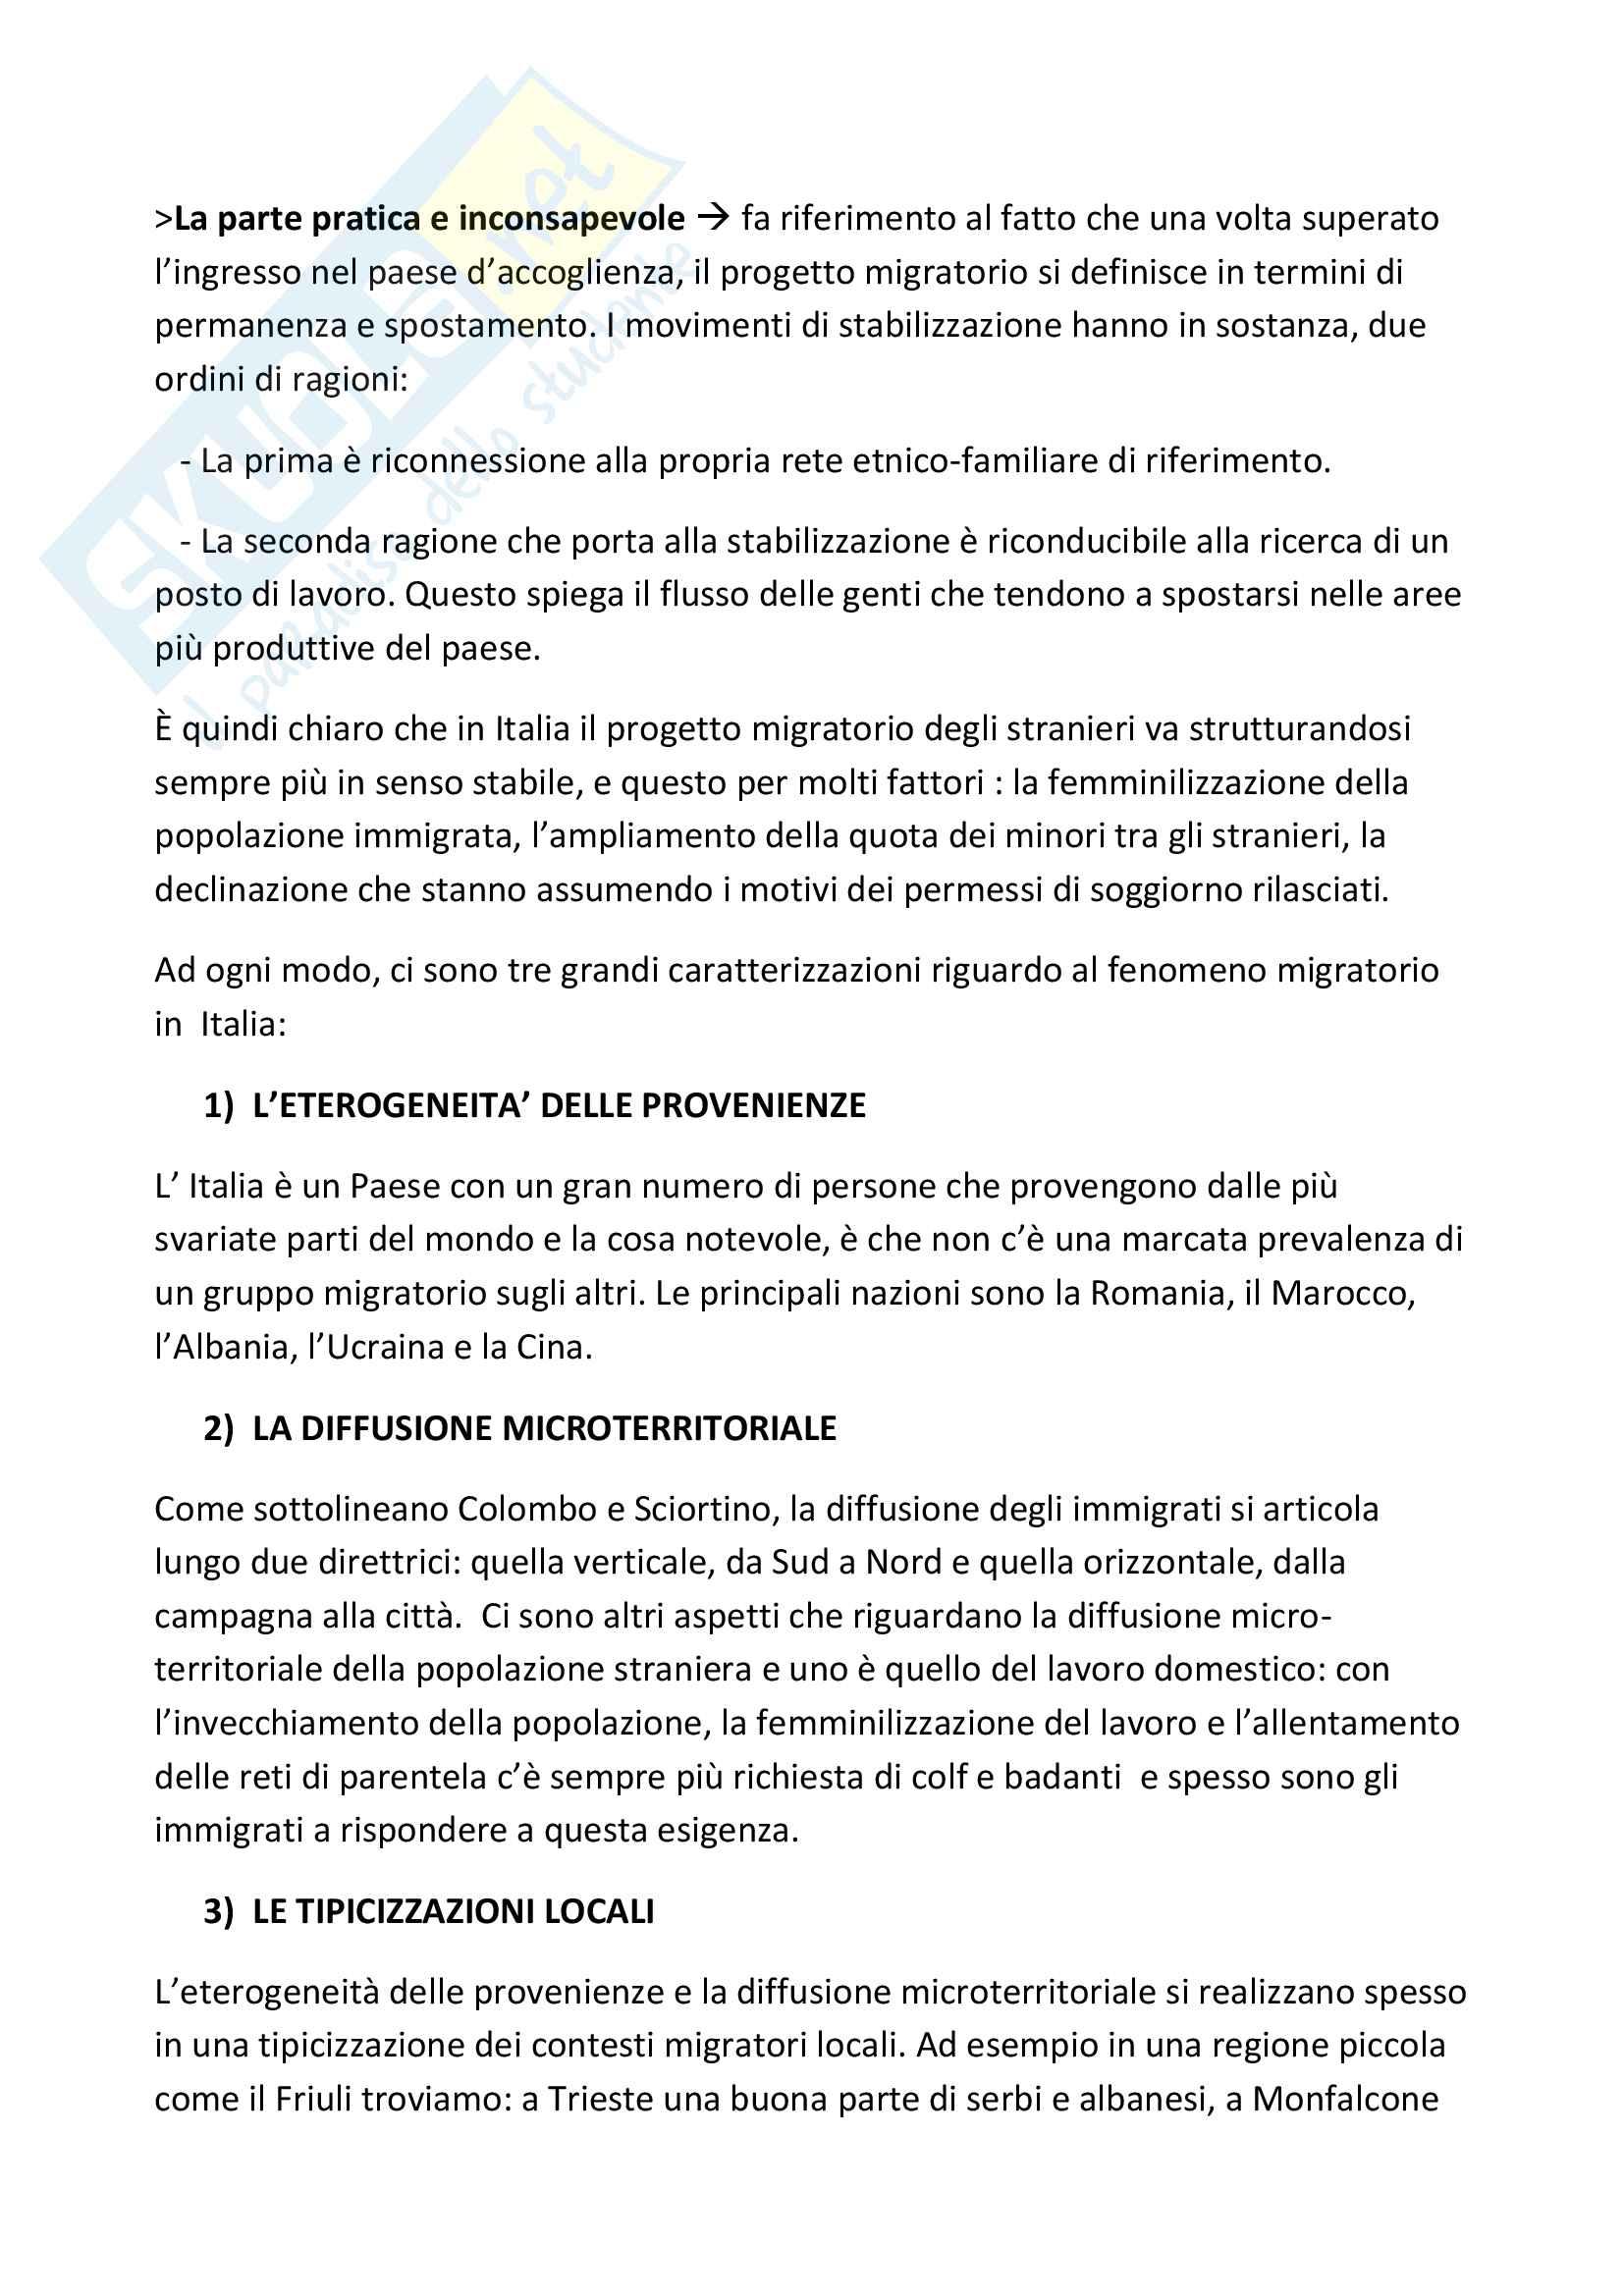 """Riassunto esame Pedagogia Interculturale, Prof. Luca Agostinetto, Libro consigliato """" l'intercultura in bilico:scienza,incoscienza e sostenibilità dell'immigrazione"""", Agostinetto Pag. 11"""